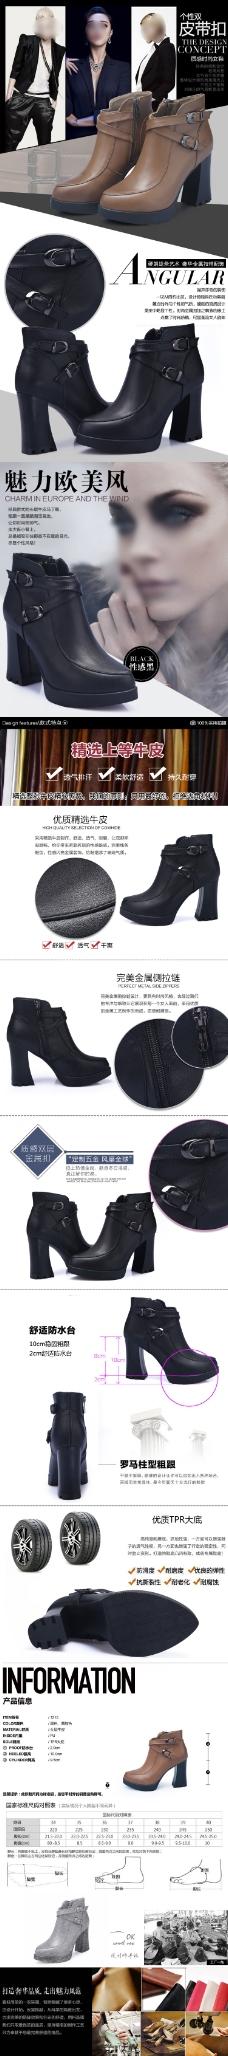 淘宝女鞋详情页设计排版